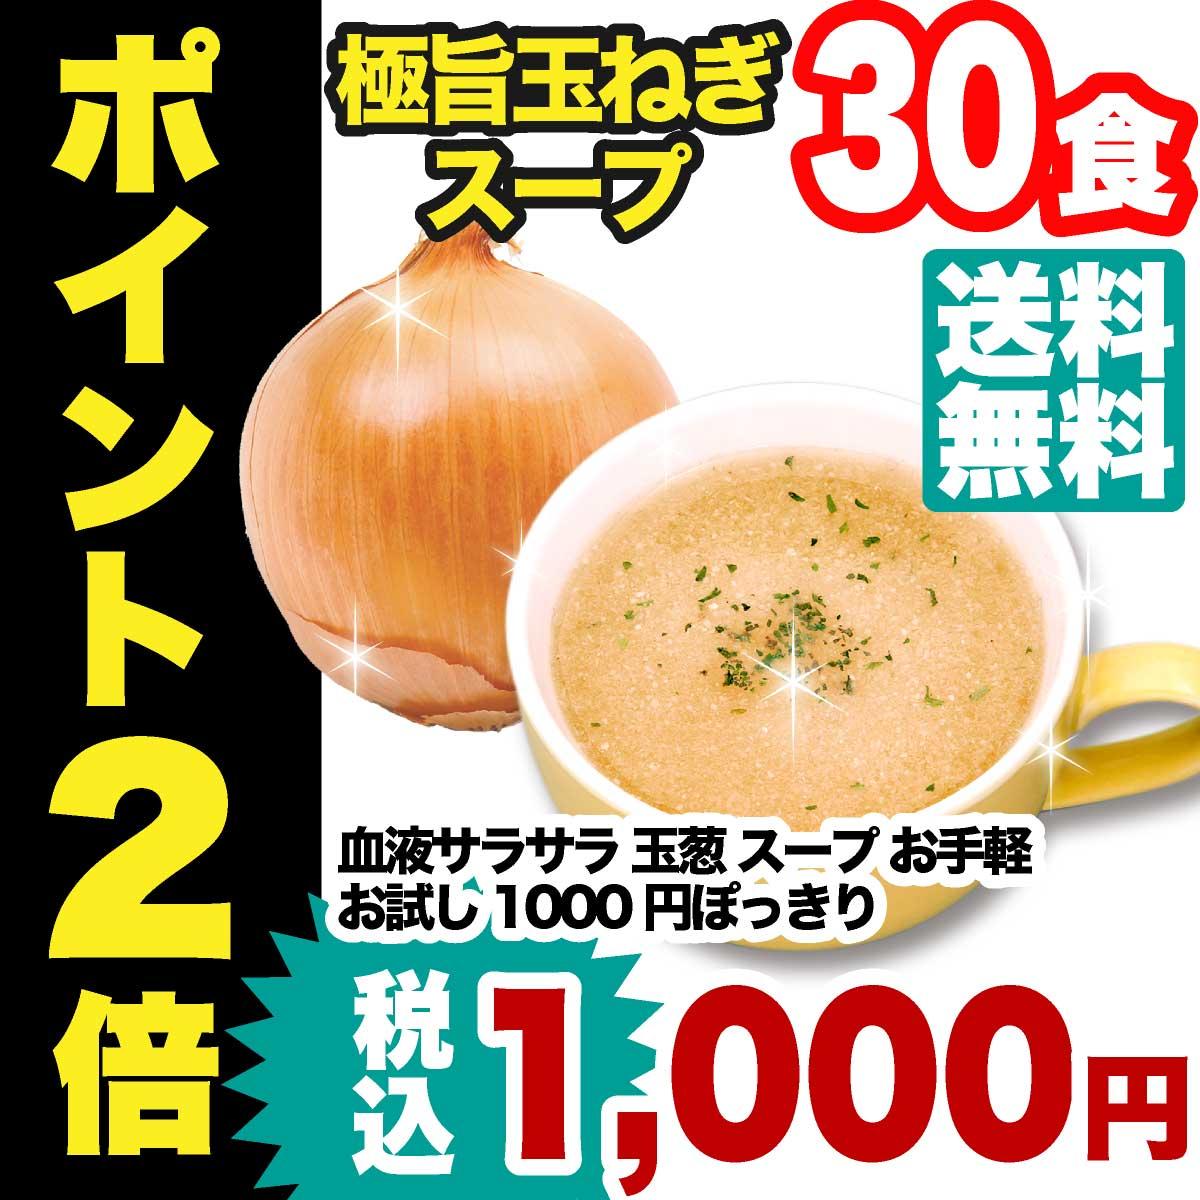 淡路島産たまねぎ100%極旨玉ねぎスープ30食国産タマネギスープ健康食品送料無料でポイント2倍